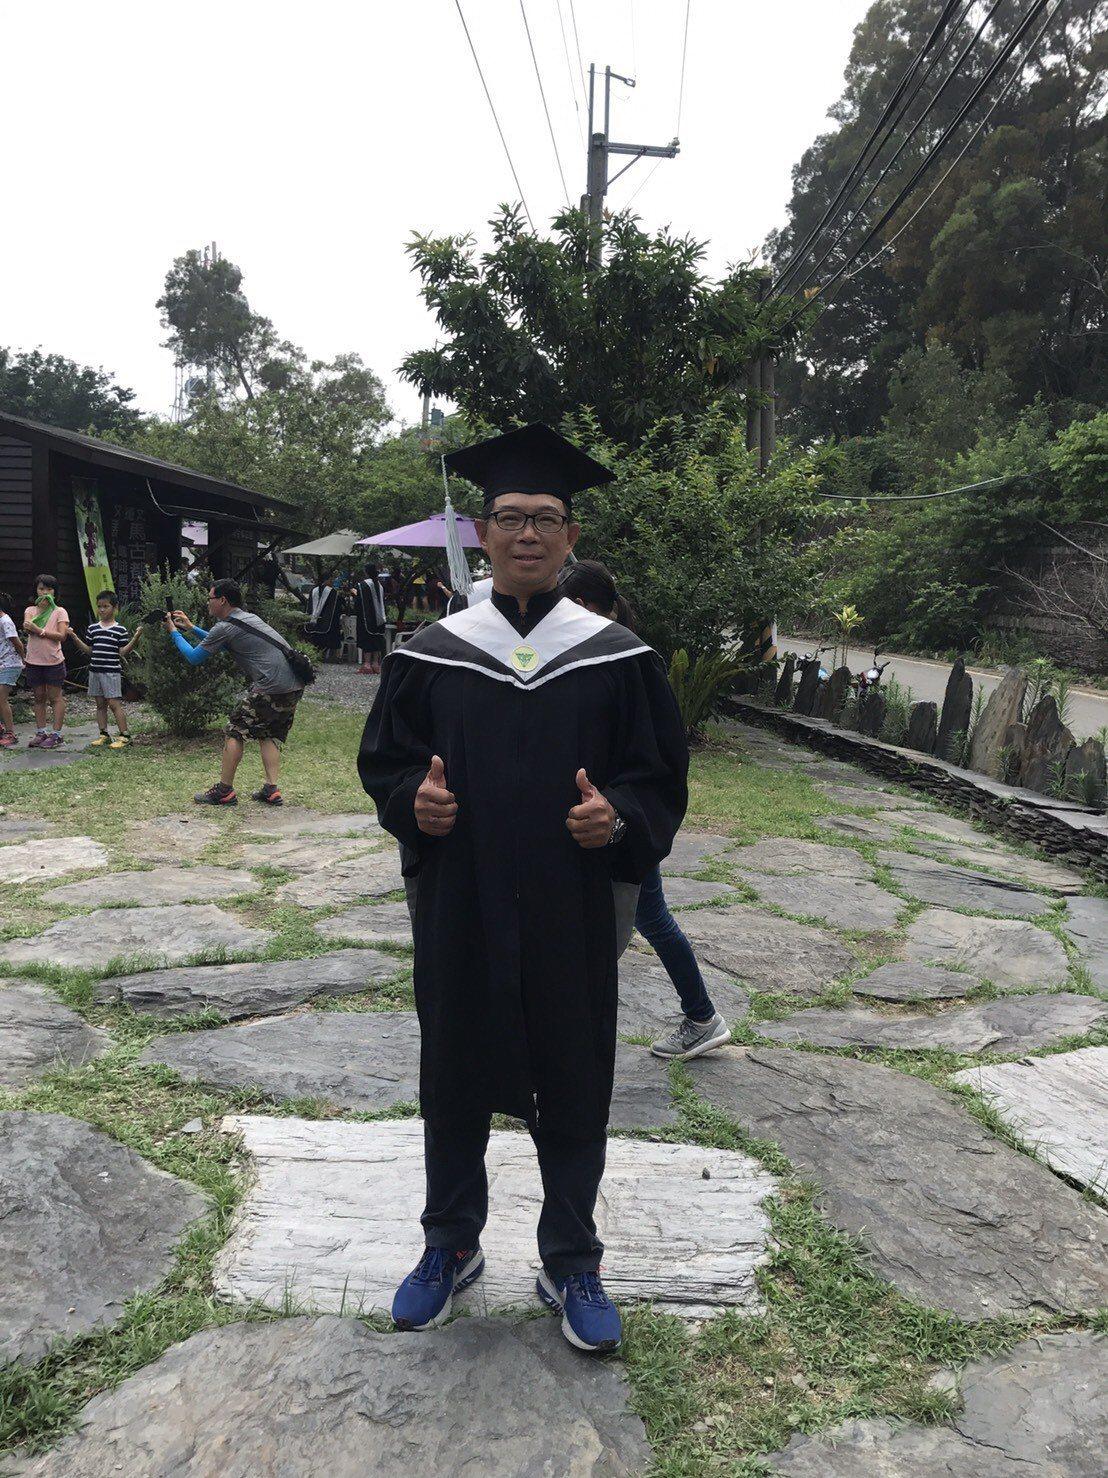 余泰運這兩年也攻讀碩士。圖/余泰運提供